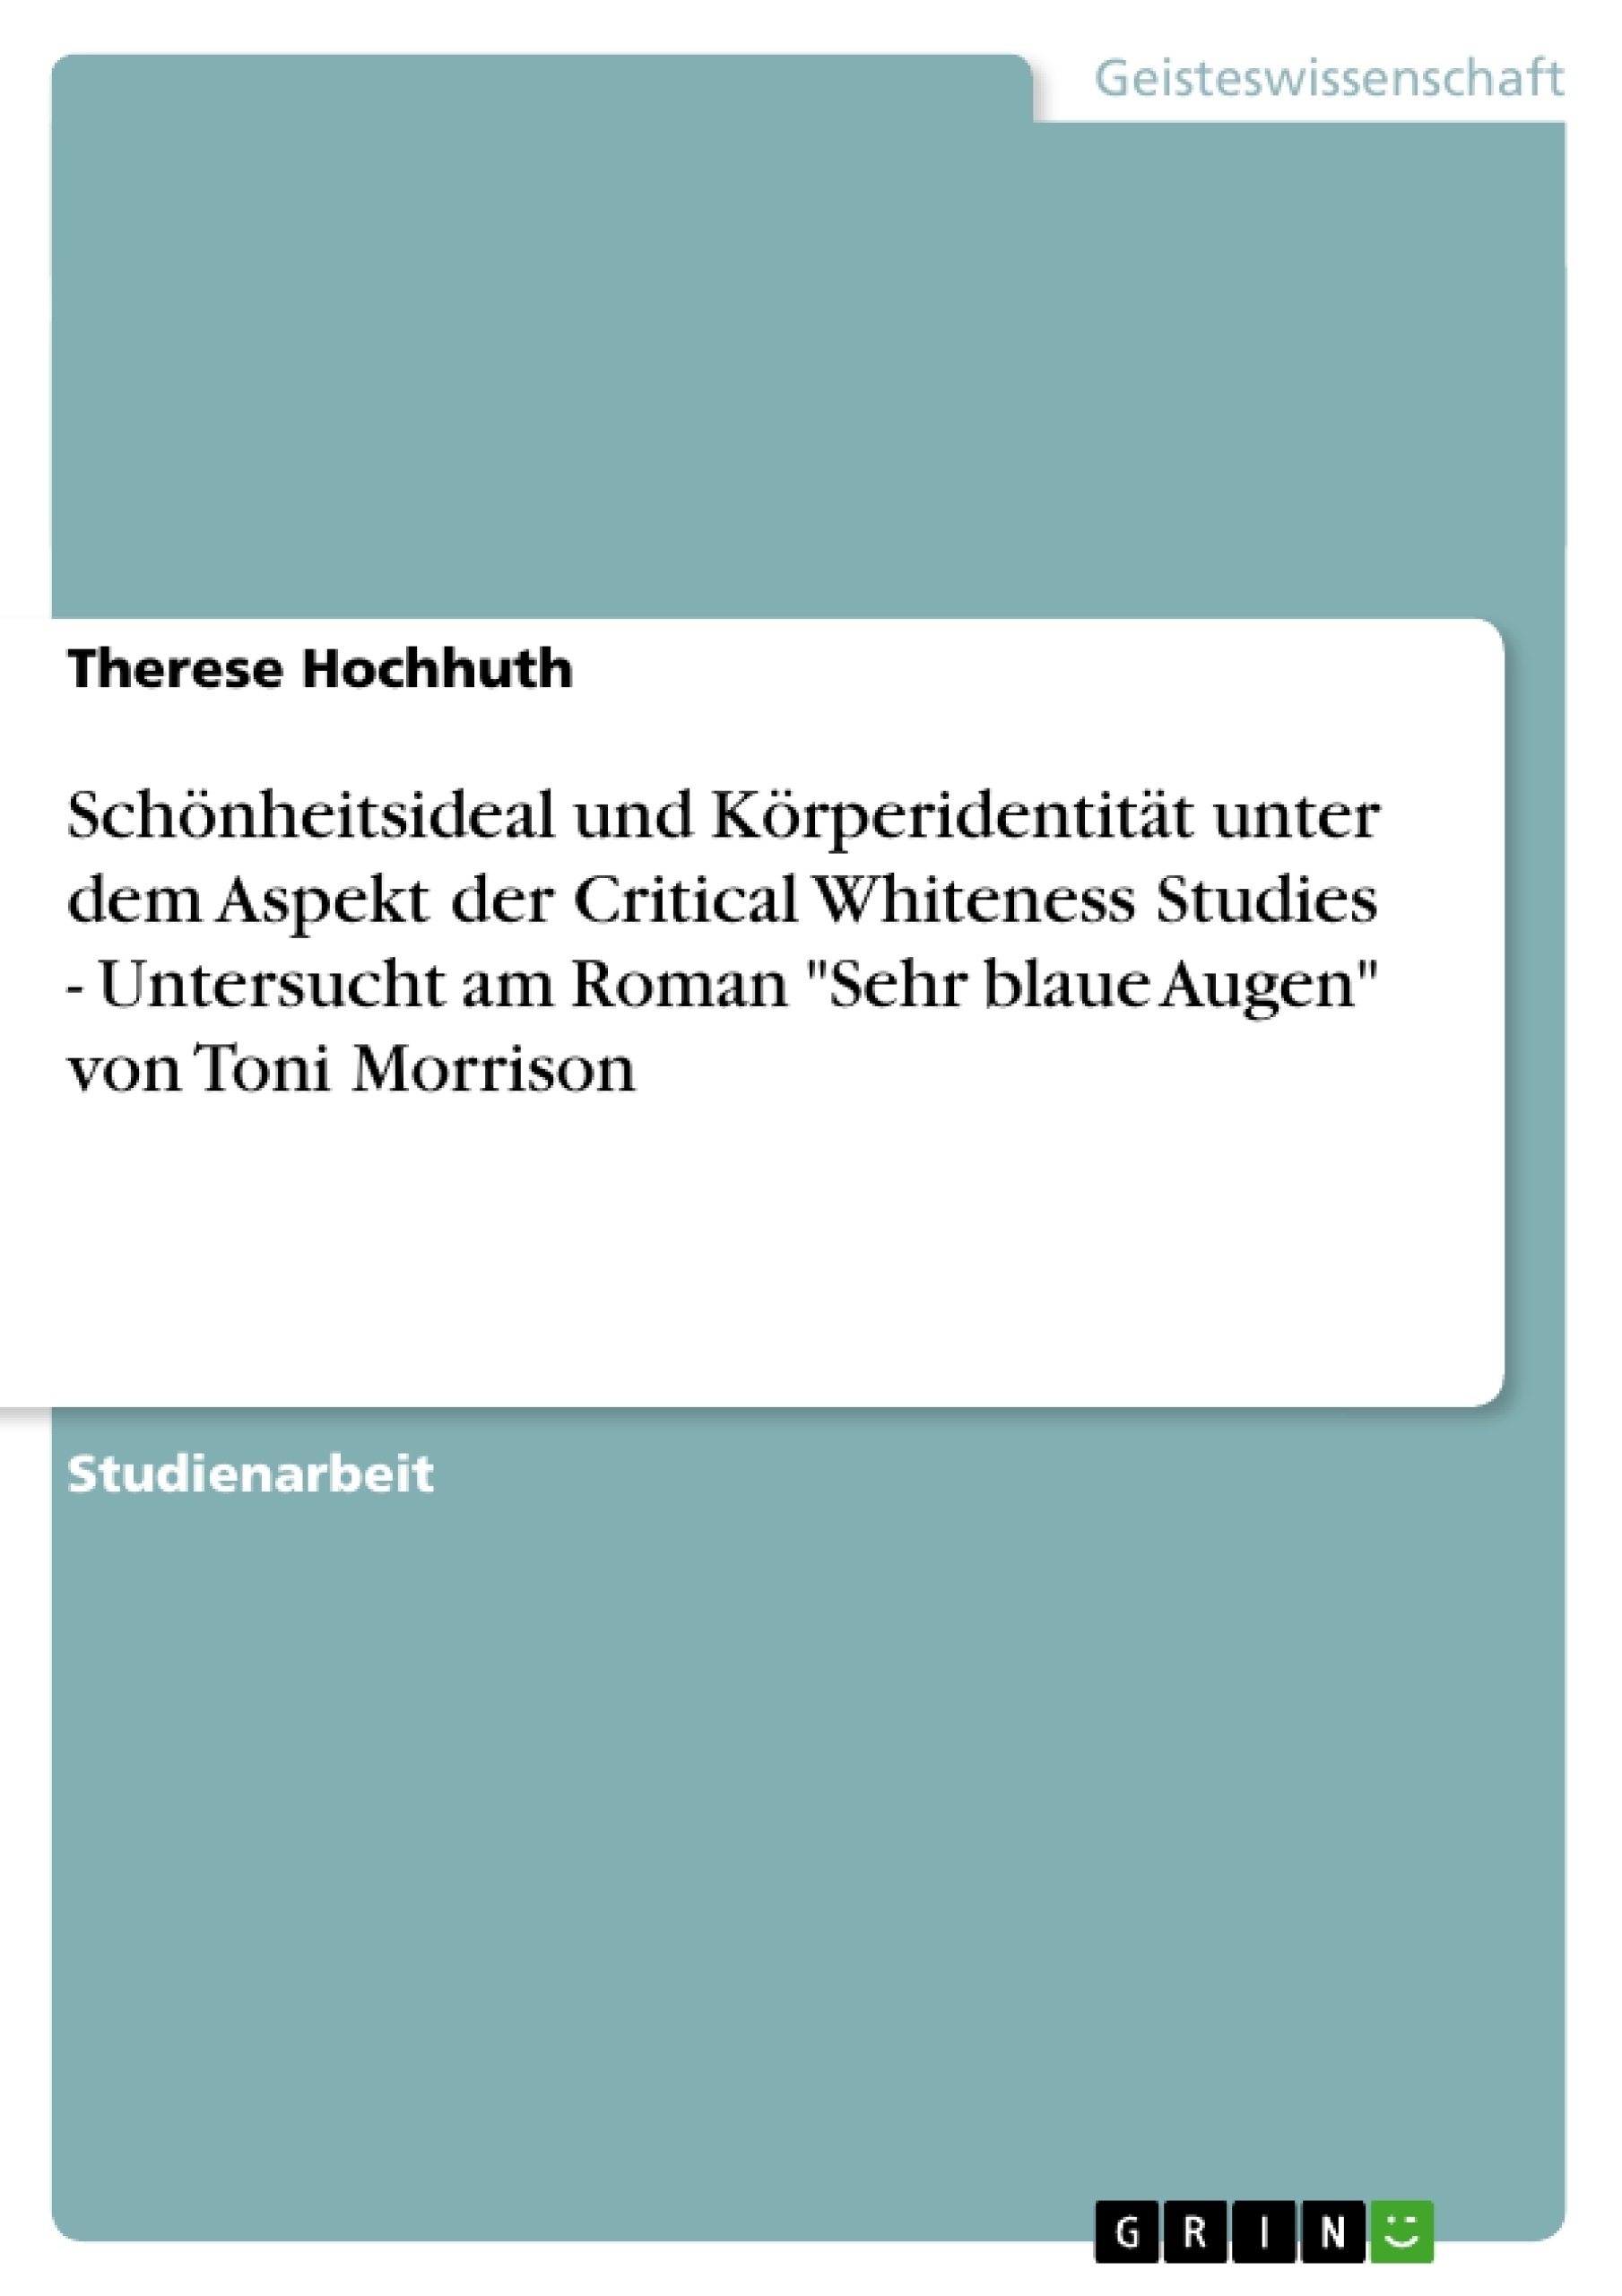 """Titel: Schönheitsideal und Körperidentität unter dem Aspekt der Critical Whiteness Studies - Untersucht am Roman """"Sehr blaue Augen"""" von Toni Morrison"""